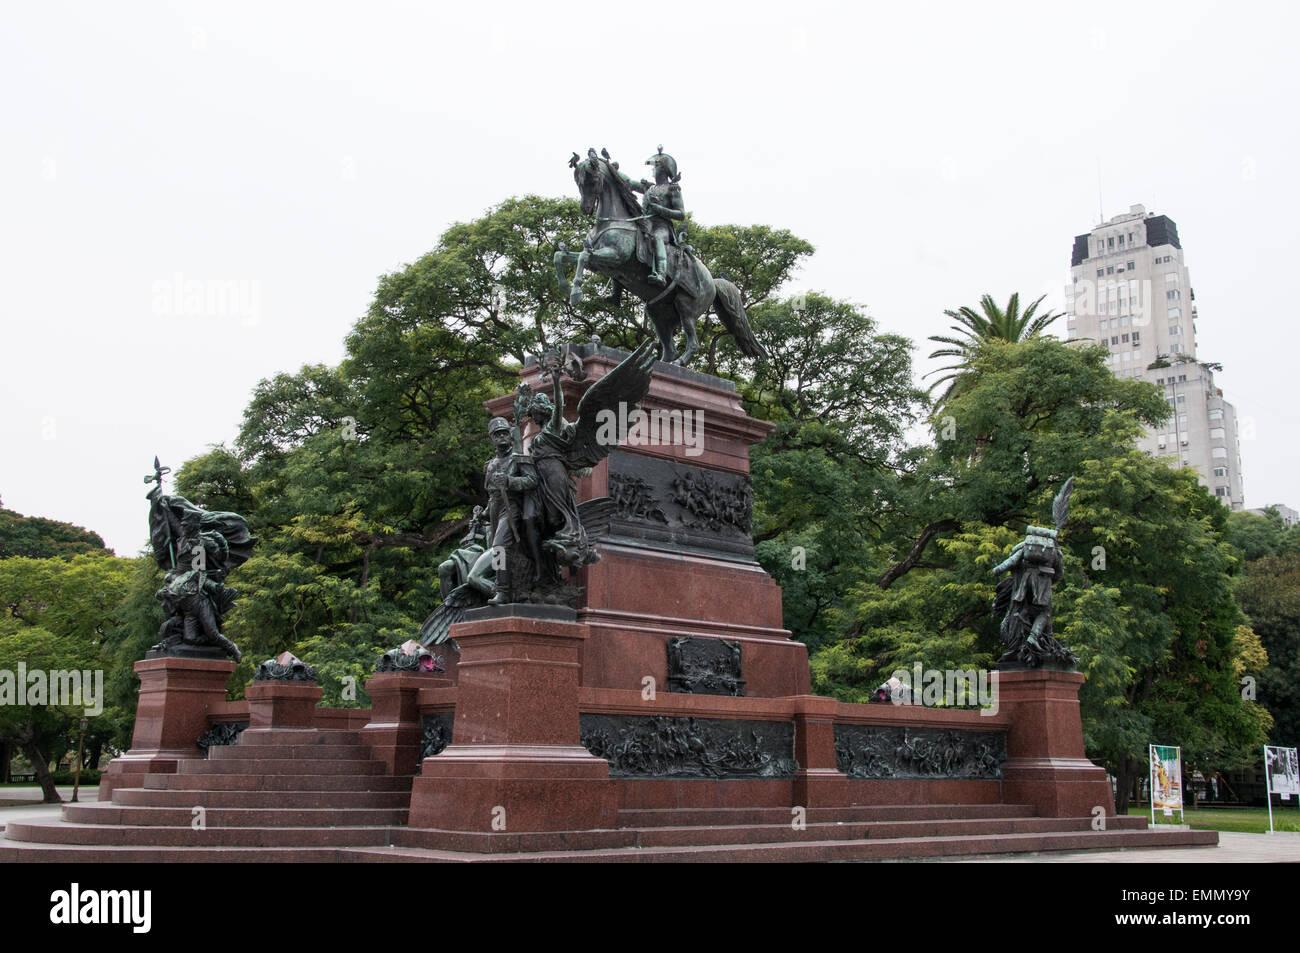 Plaza Libertador General San Martin, Buenos Aires, Argentina - Stock Image